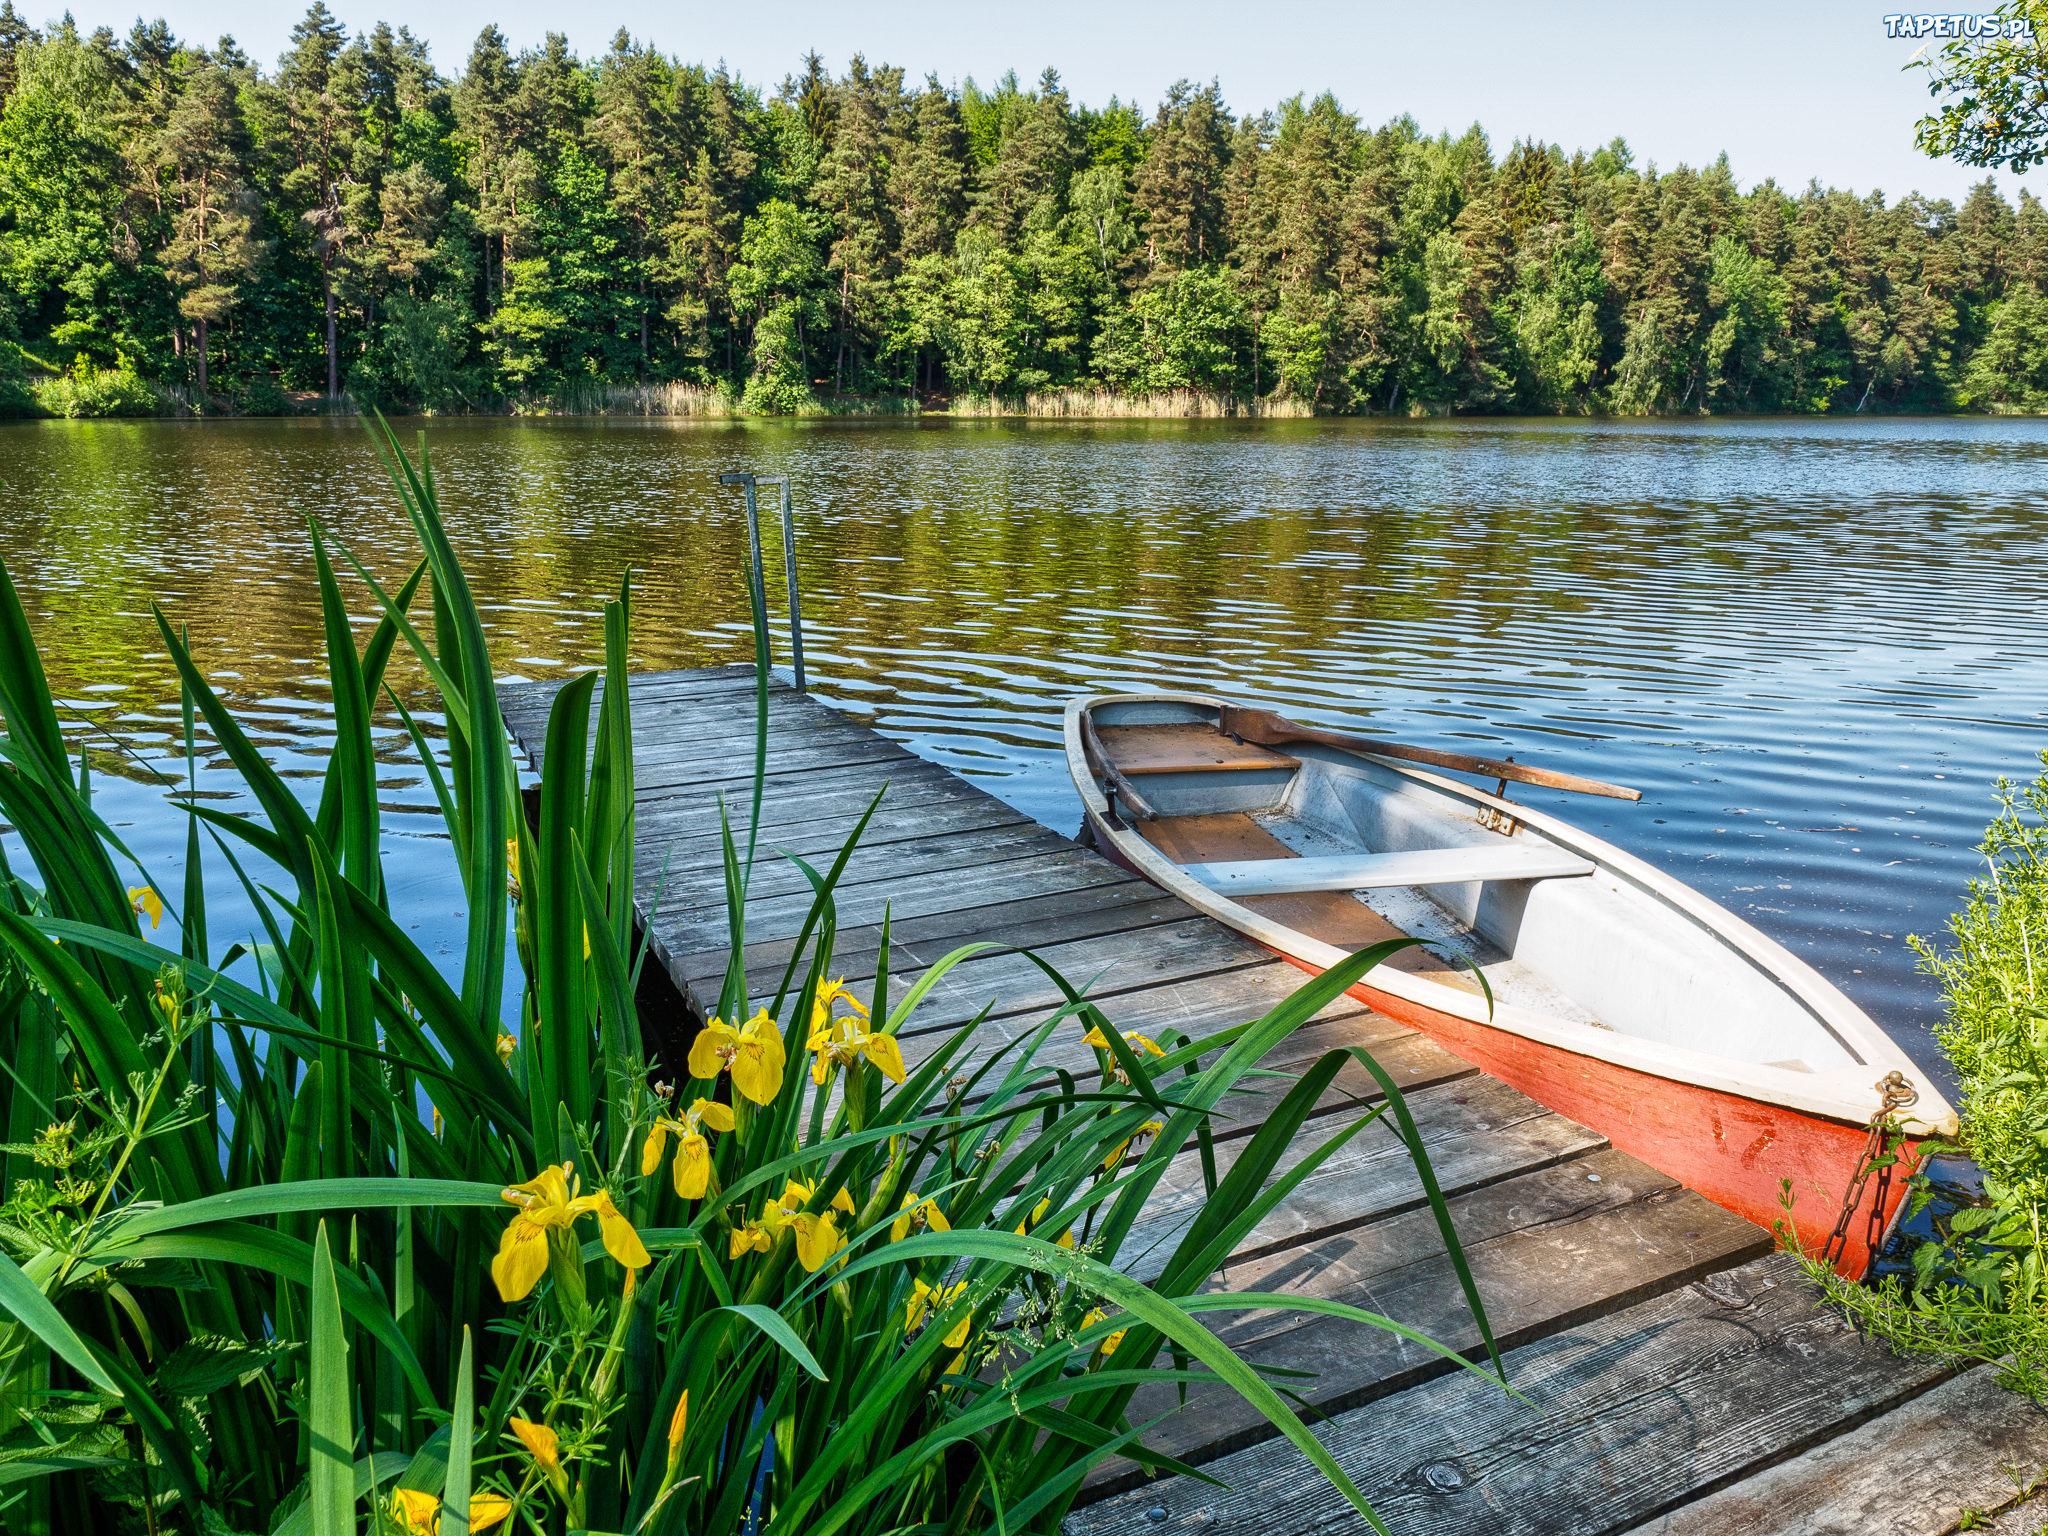 255431_lato-jezioro-pomost-lodka.jpg